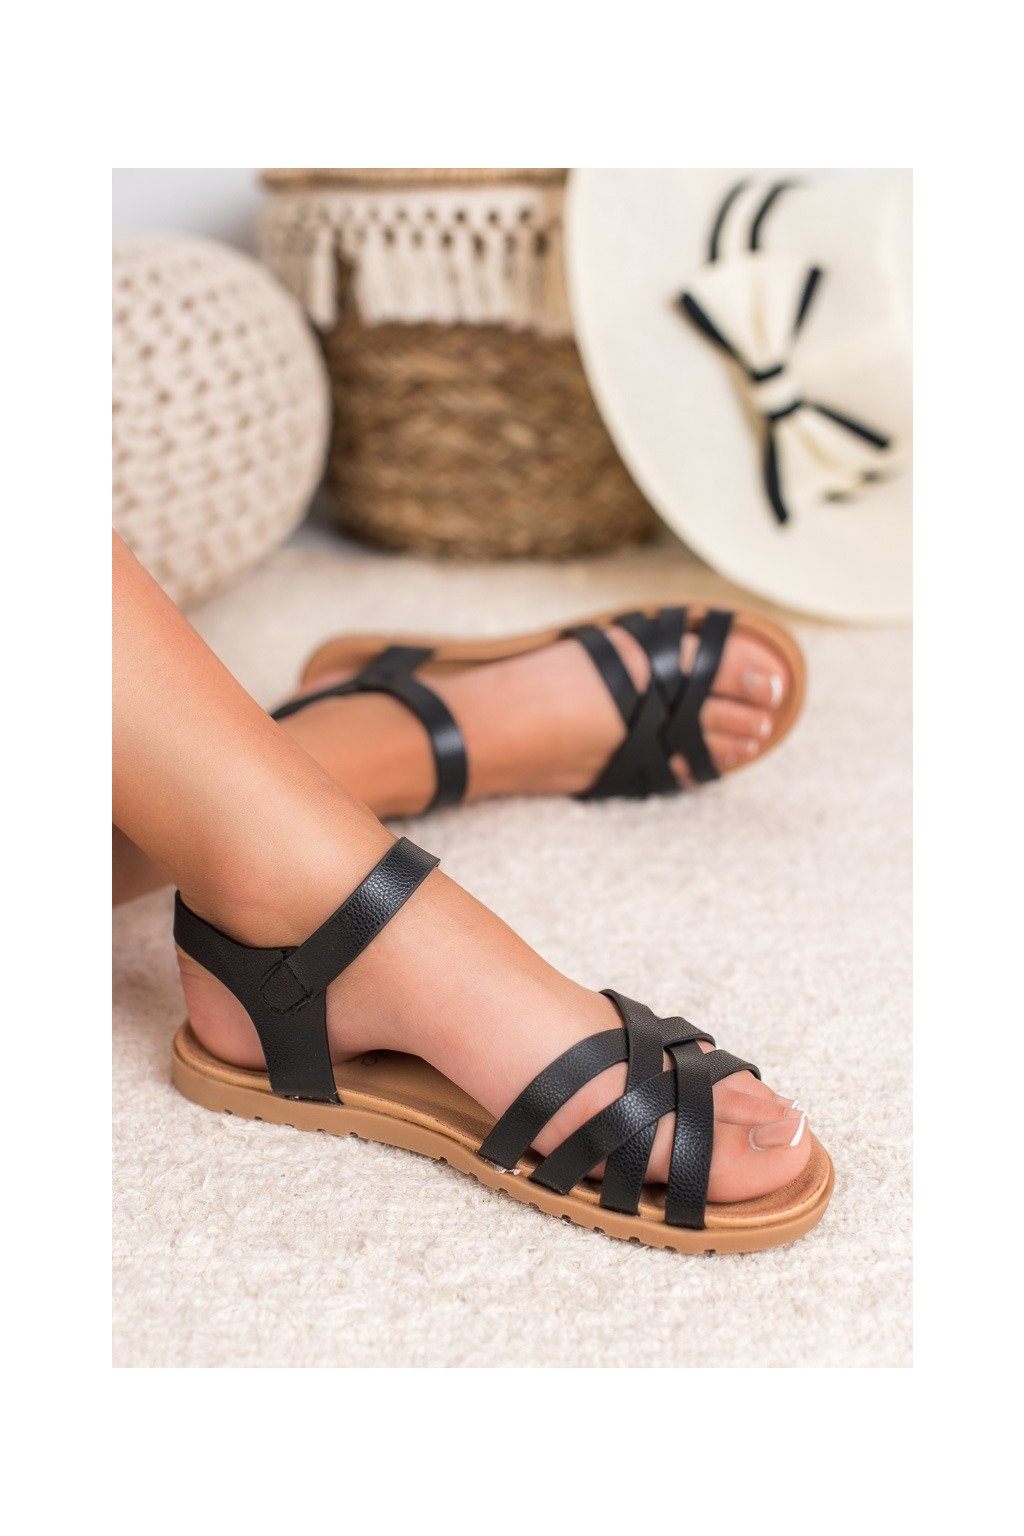 Čierne sandále - Bless kod CZ037B